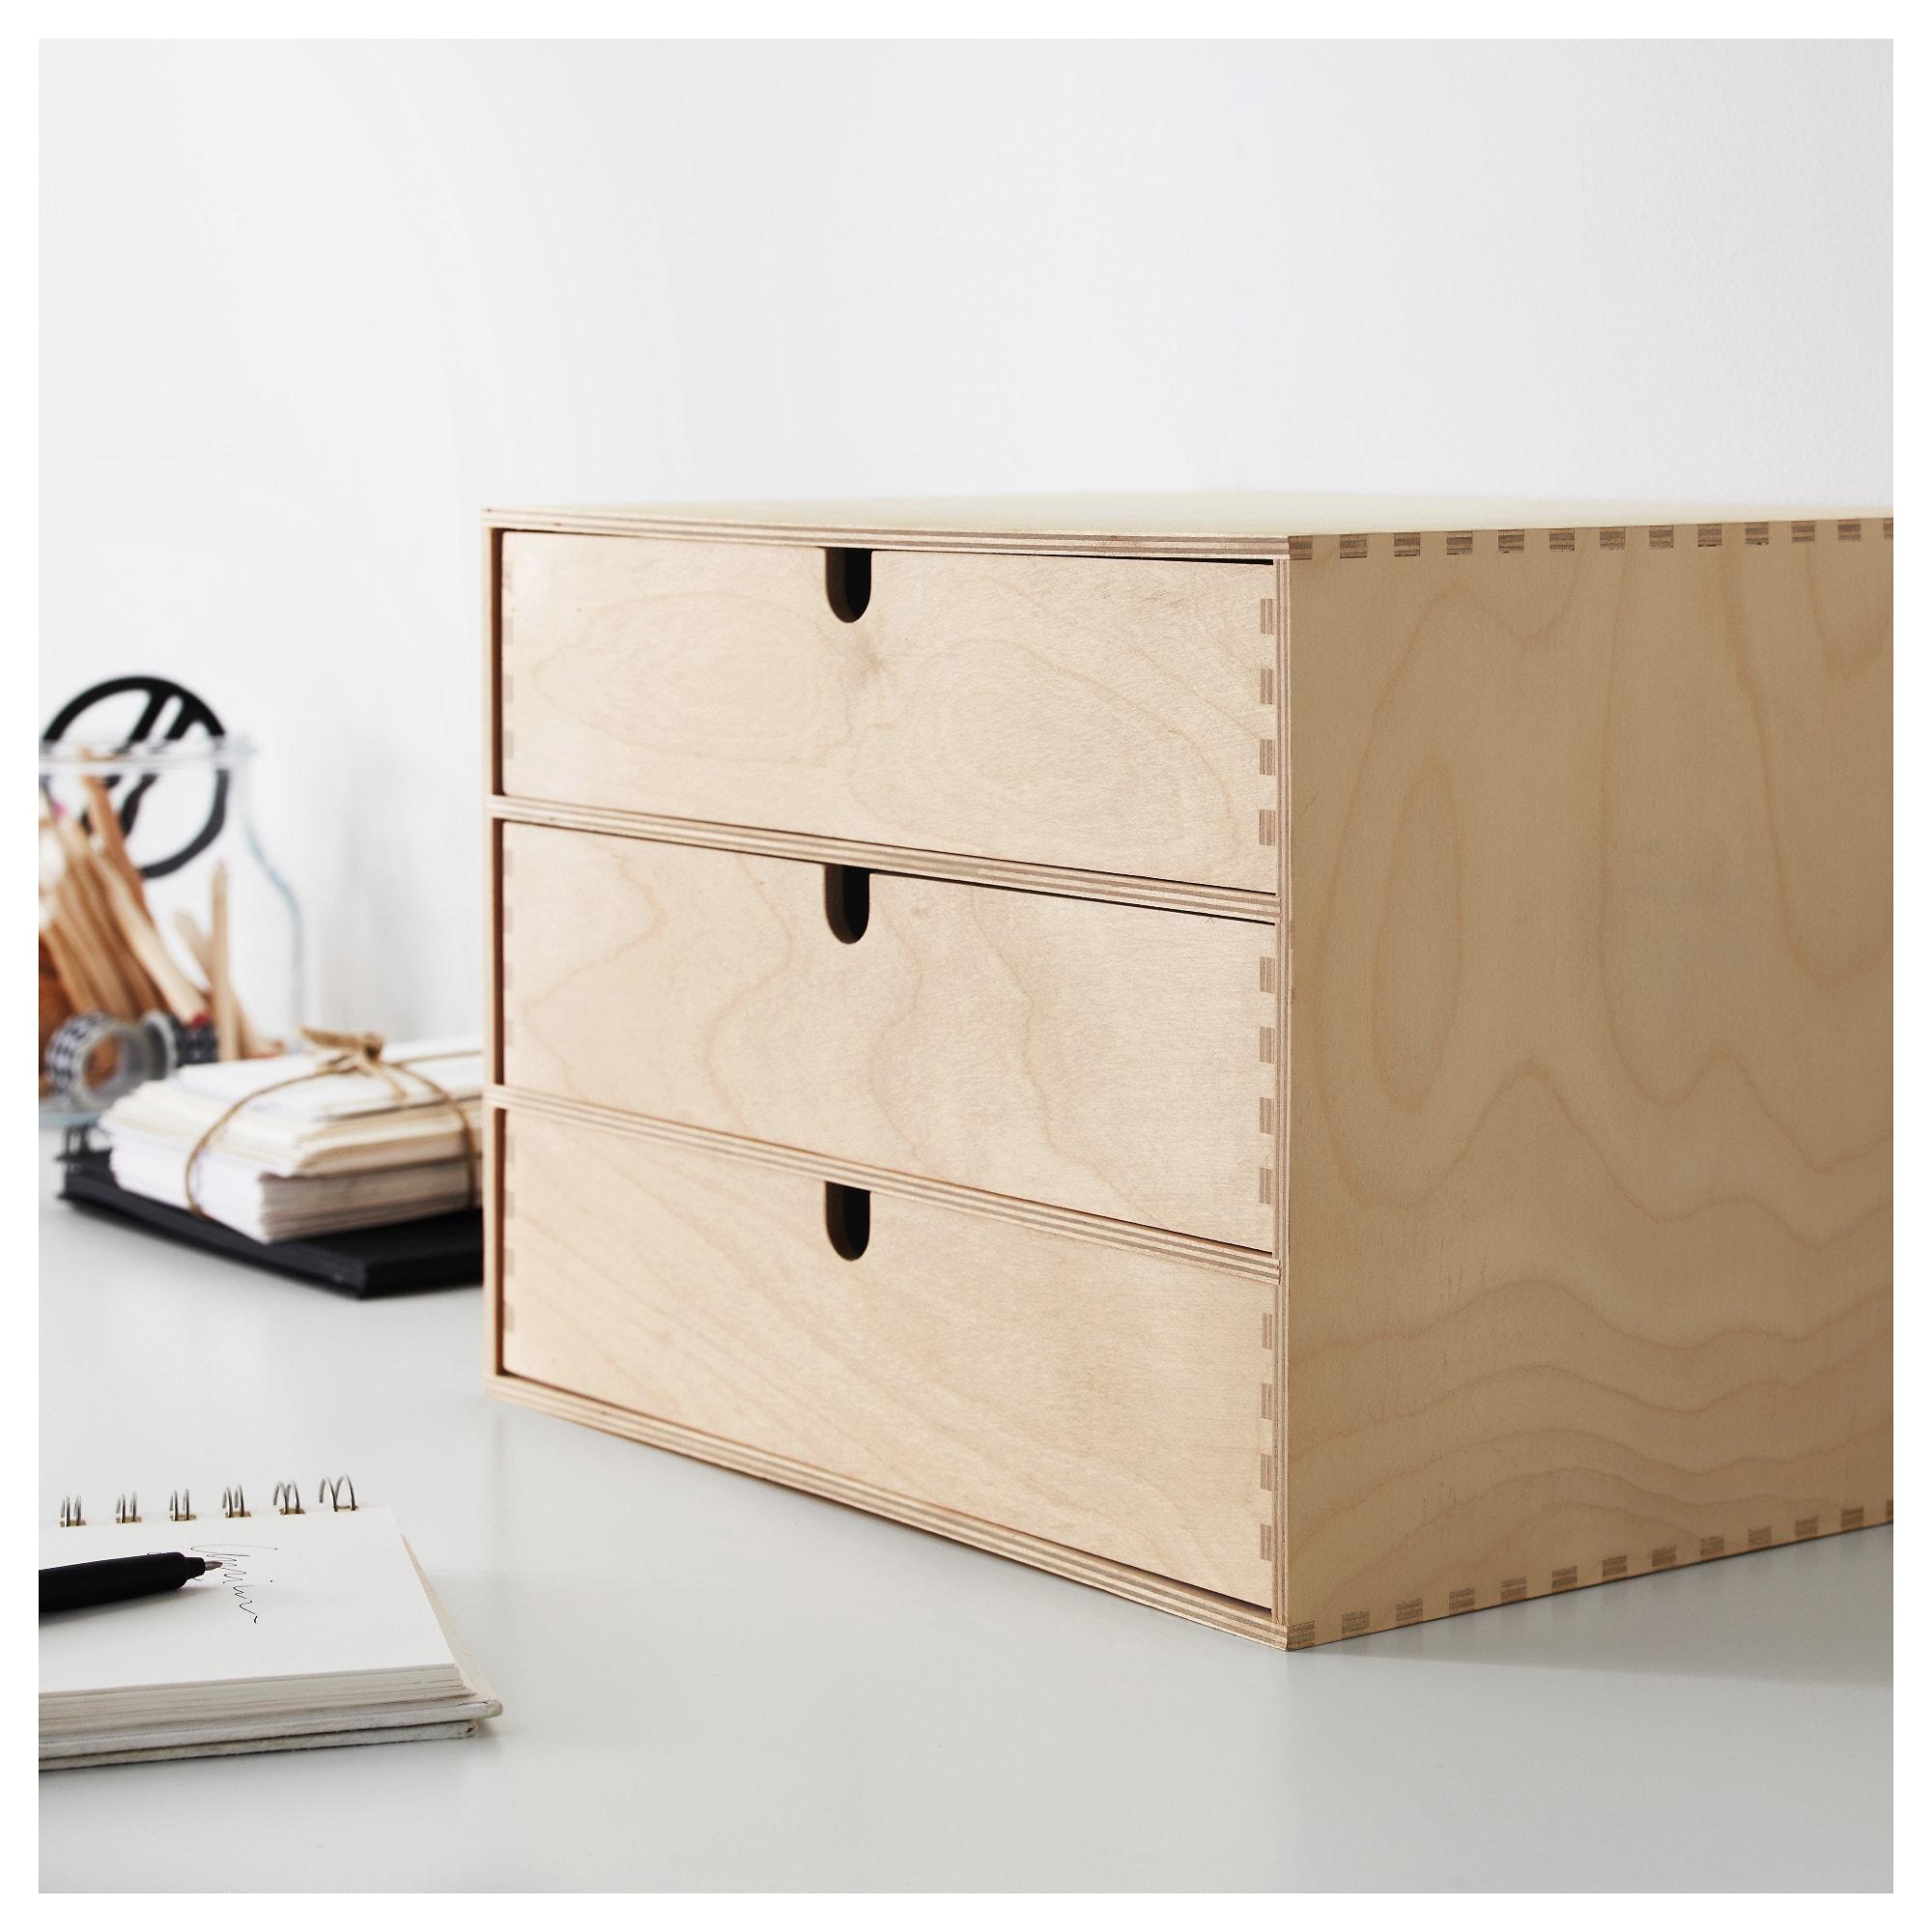 Ikea Brimnes, Kommode Mit 3 Schubladen, 78X95X41 Cm, Weiß, Frostglas 2021